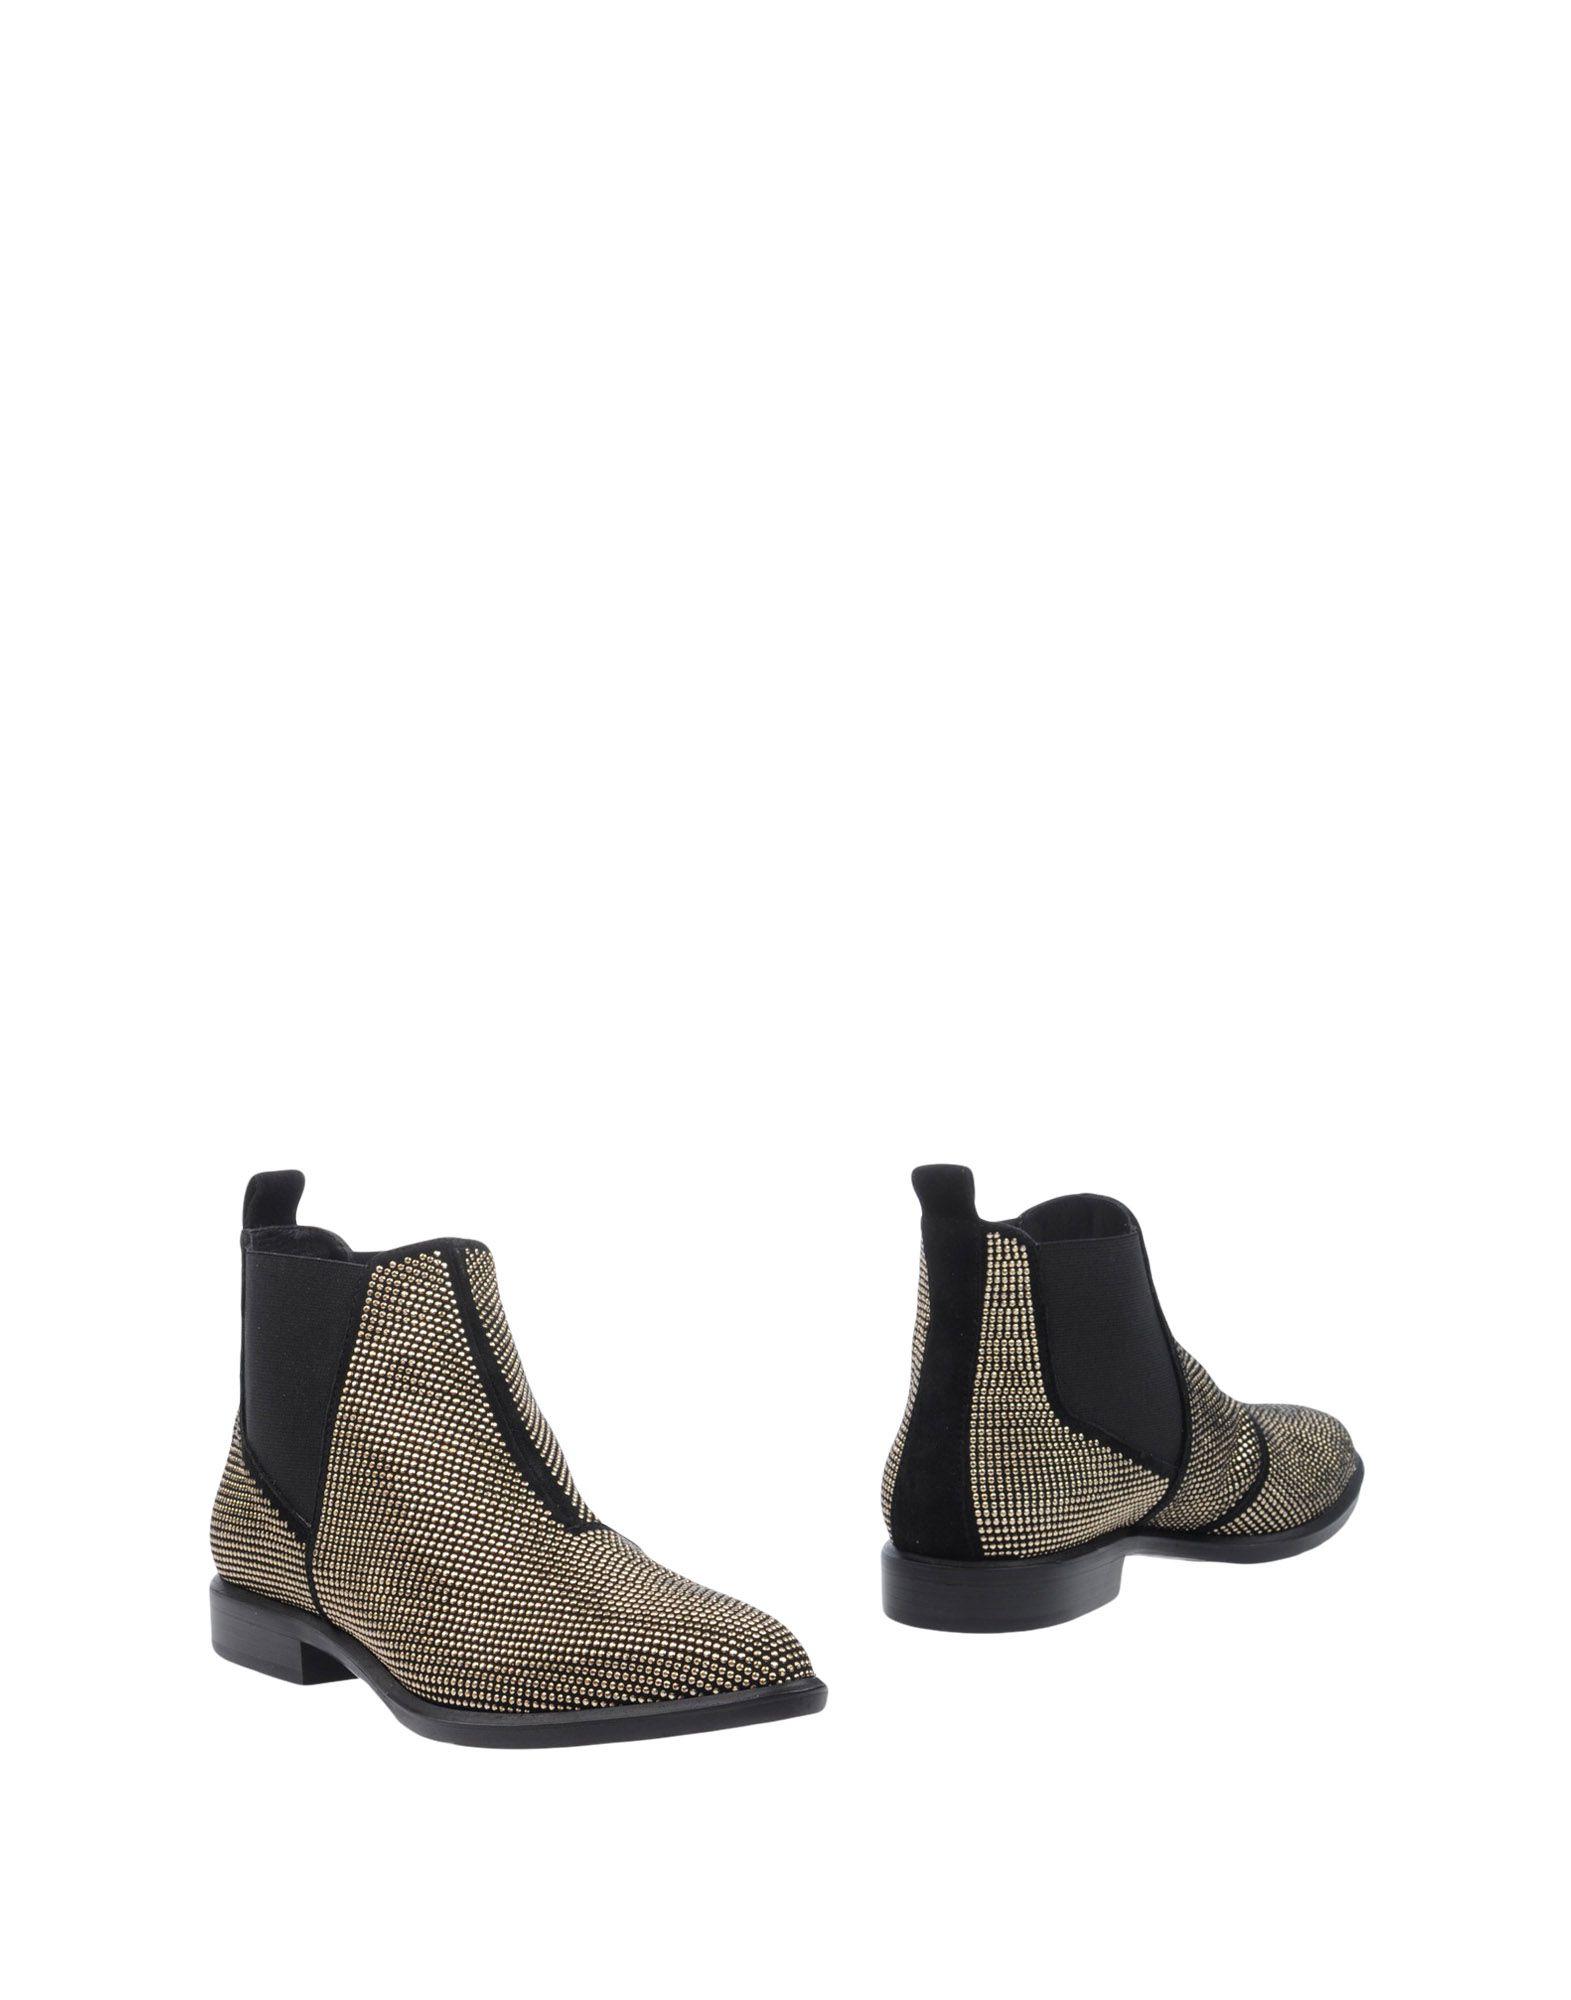 JANET & JANET Полусапоги и высокие ботинки купить футбольную форму челси торрес